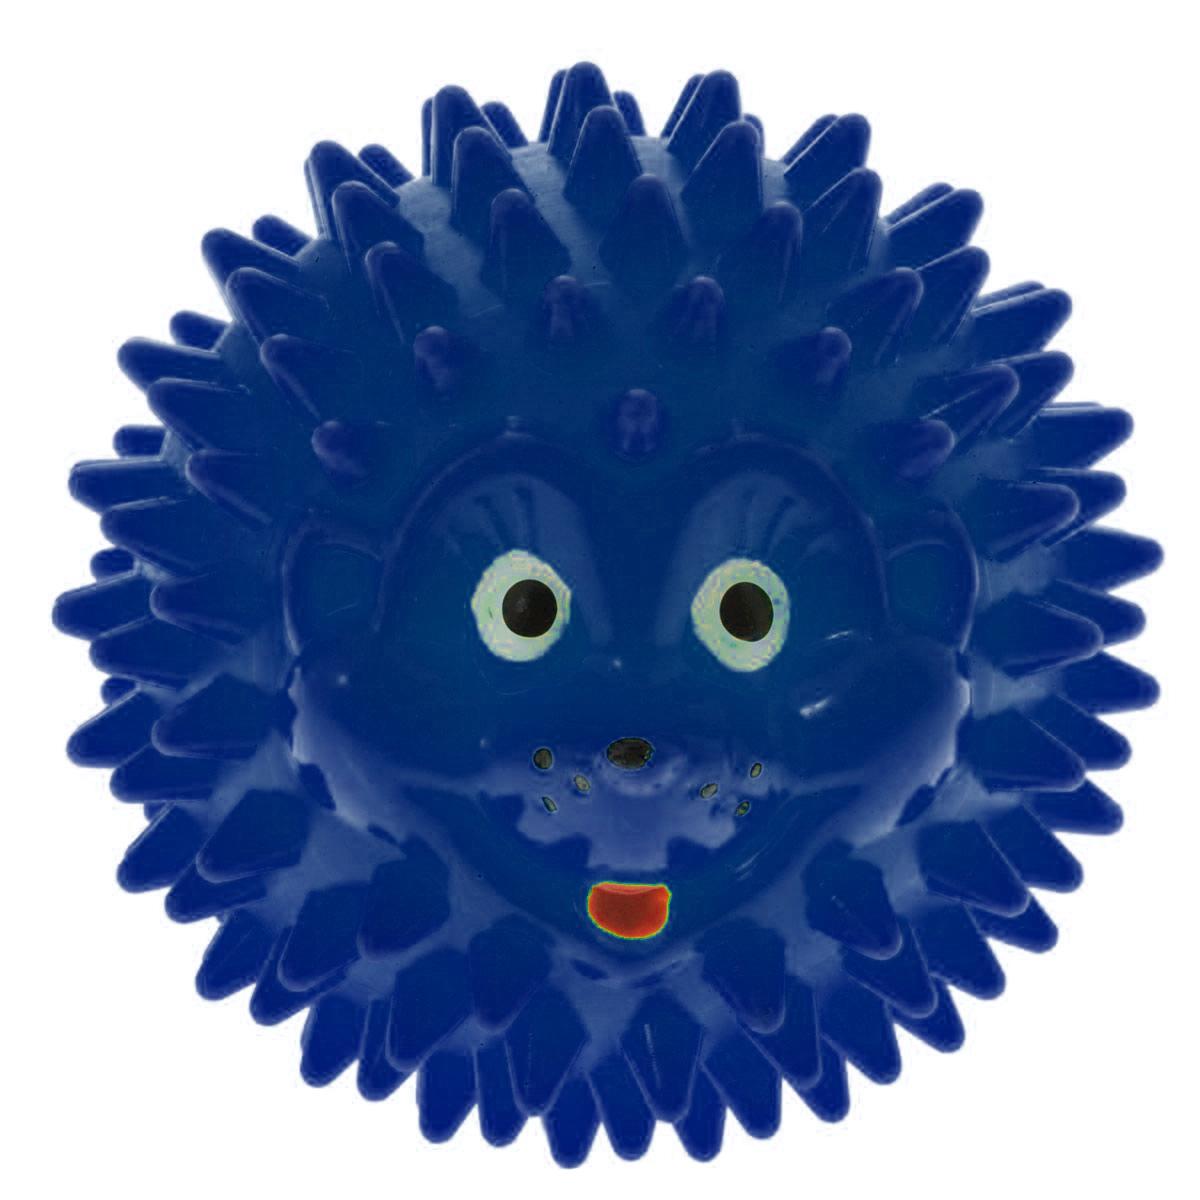 Массажер Дельтатерм Шарик-Ежик, цвет: синий, диаметр 50 мм00-00000225С помощью массажного мяча Шарик-Ежик можно самостоятельно проводить мягкий массаж ладоней, стоп и всего тела. Такой массаж способствует повышению кожно-мышечного тонуса, уменьшению венозного застоя и ускорению капиллярного кровотока, улучшению функционирования периферической и центральной нервных систем. Идеально подходит для проведения массажа у маленьких детей. Развивает мышление, координацию движений и совершенствует моторику нежных пальчиков малыша и является интересной веселой игрушкой.